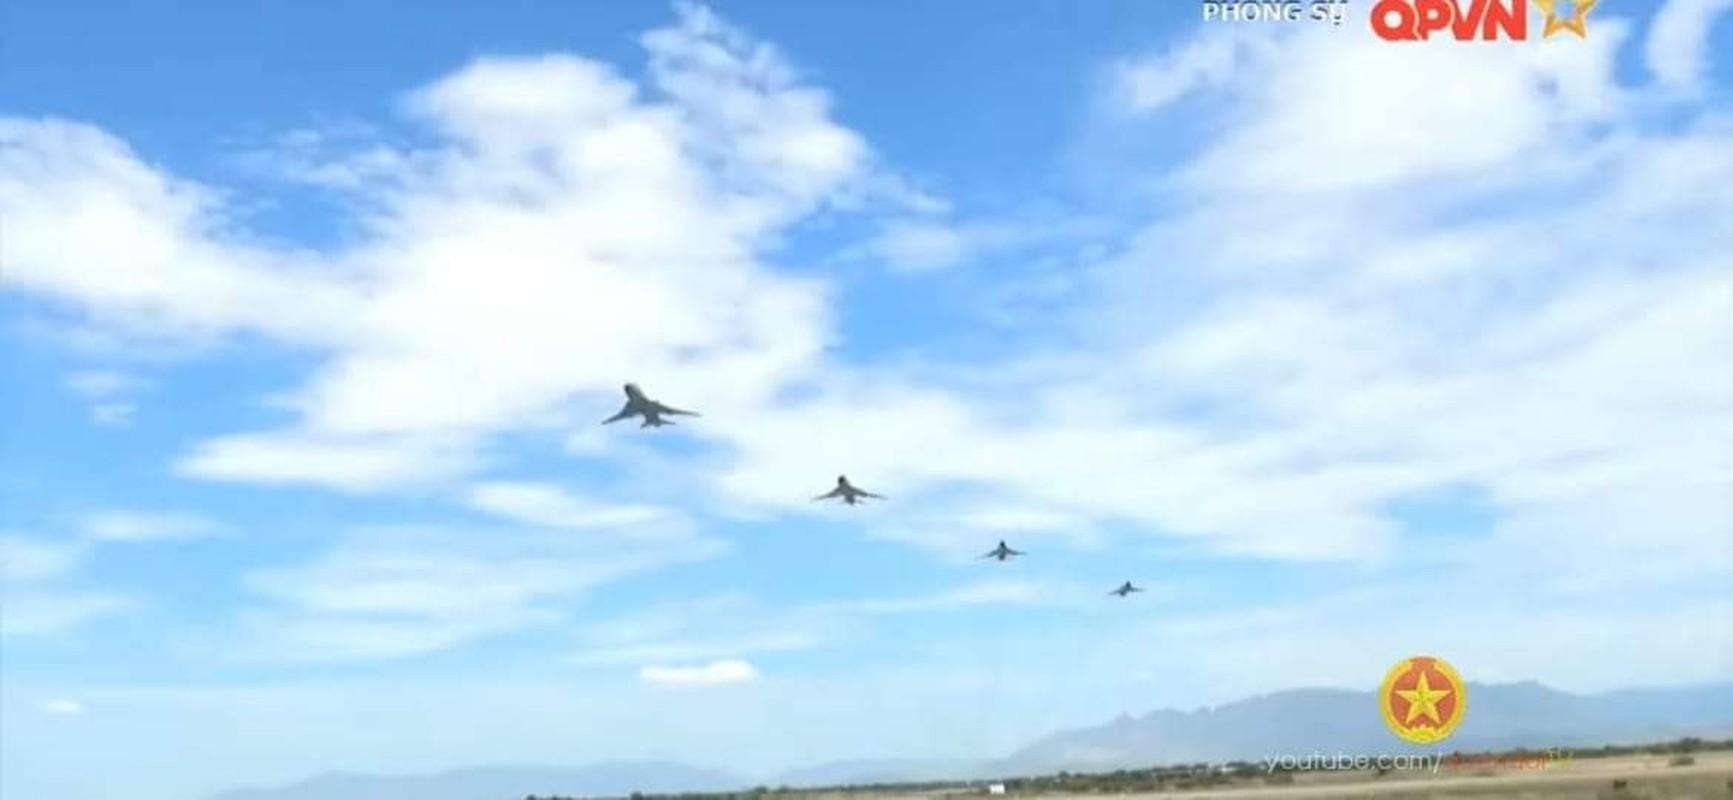 Man nhan voi bien doi bon chiec tiem kich - bom Su-22 Viet Nam